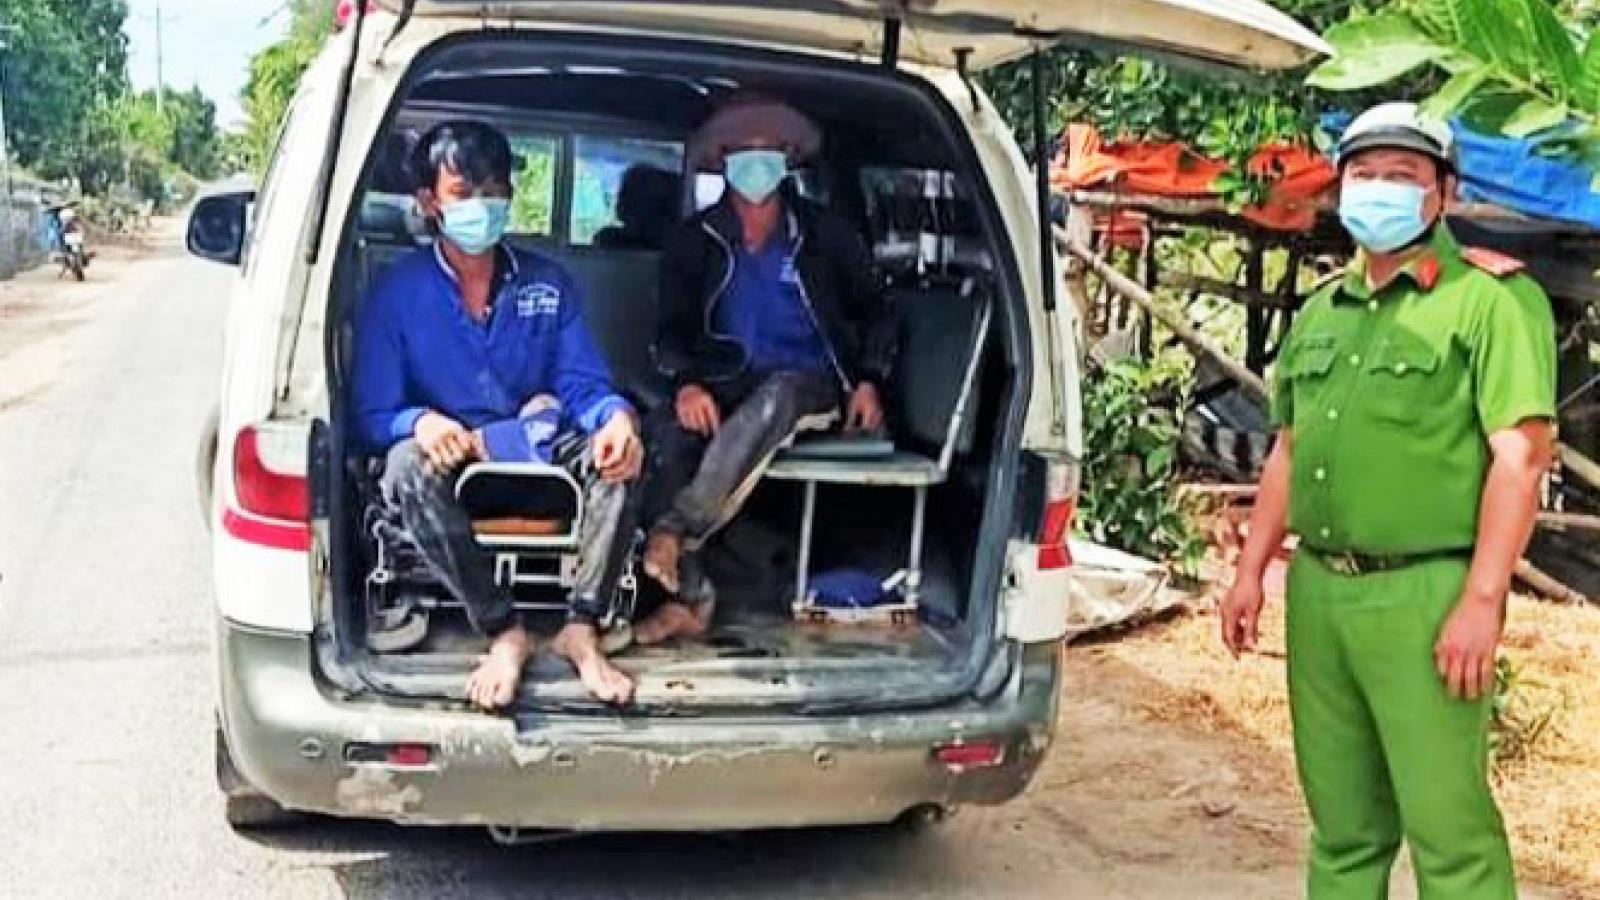 Đã tìm được 2 người nhập cảnh trái phép trốn khỏi khu cách ly tập trung